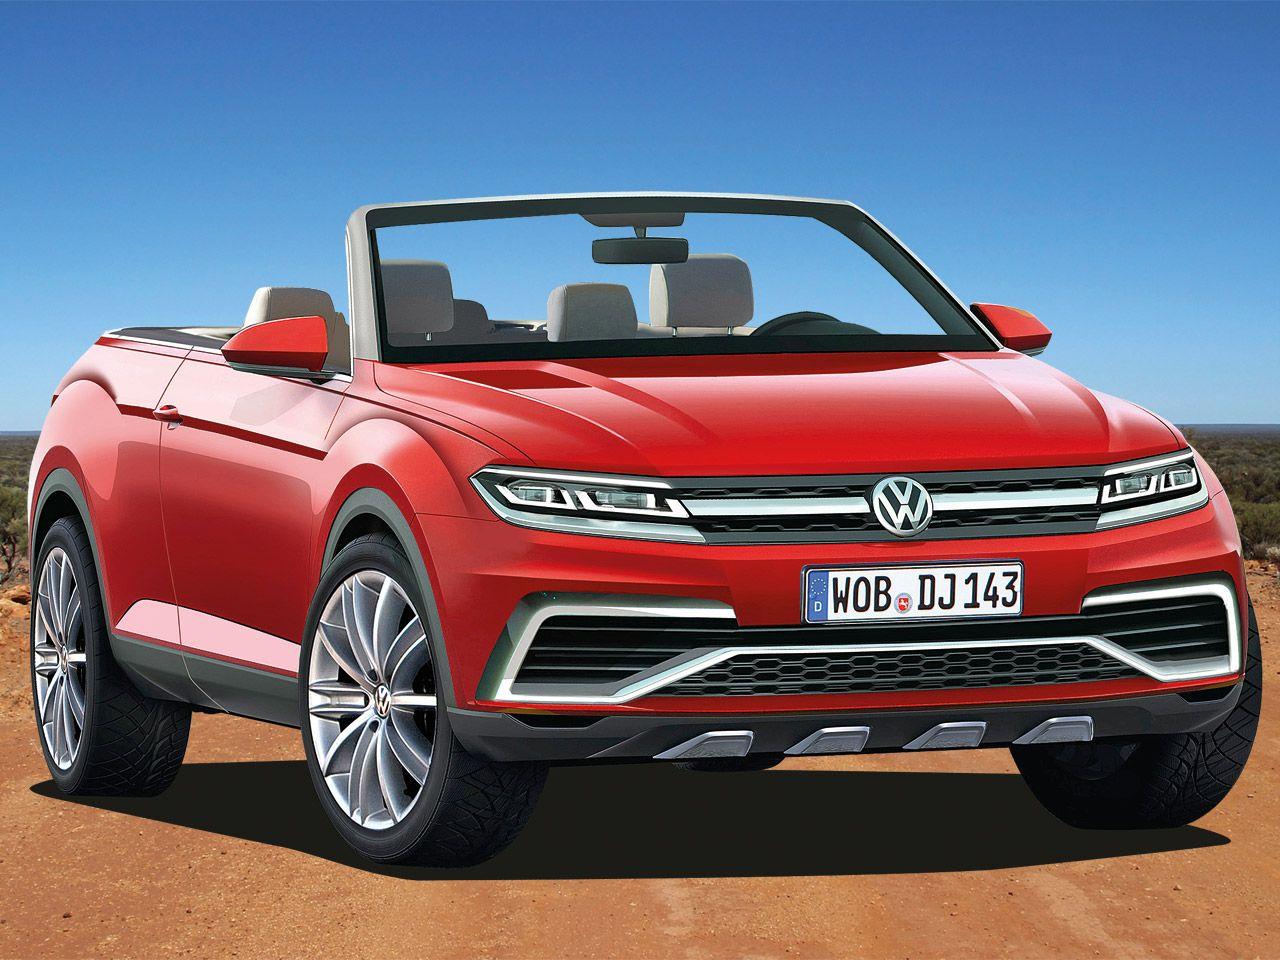 Vw T Roc Cabrio 2020 Preis Innenraum Autozeitung De Volkswagen Kafer Cabrio Vw Modelle